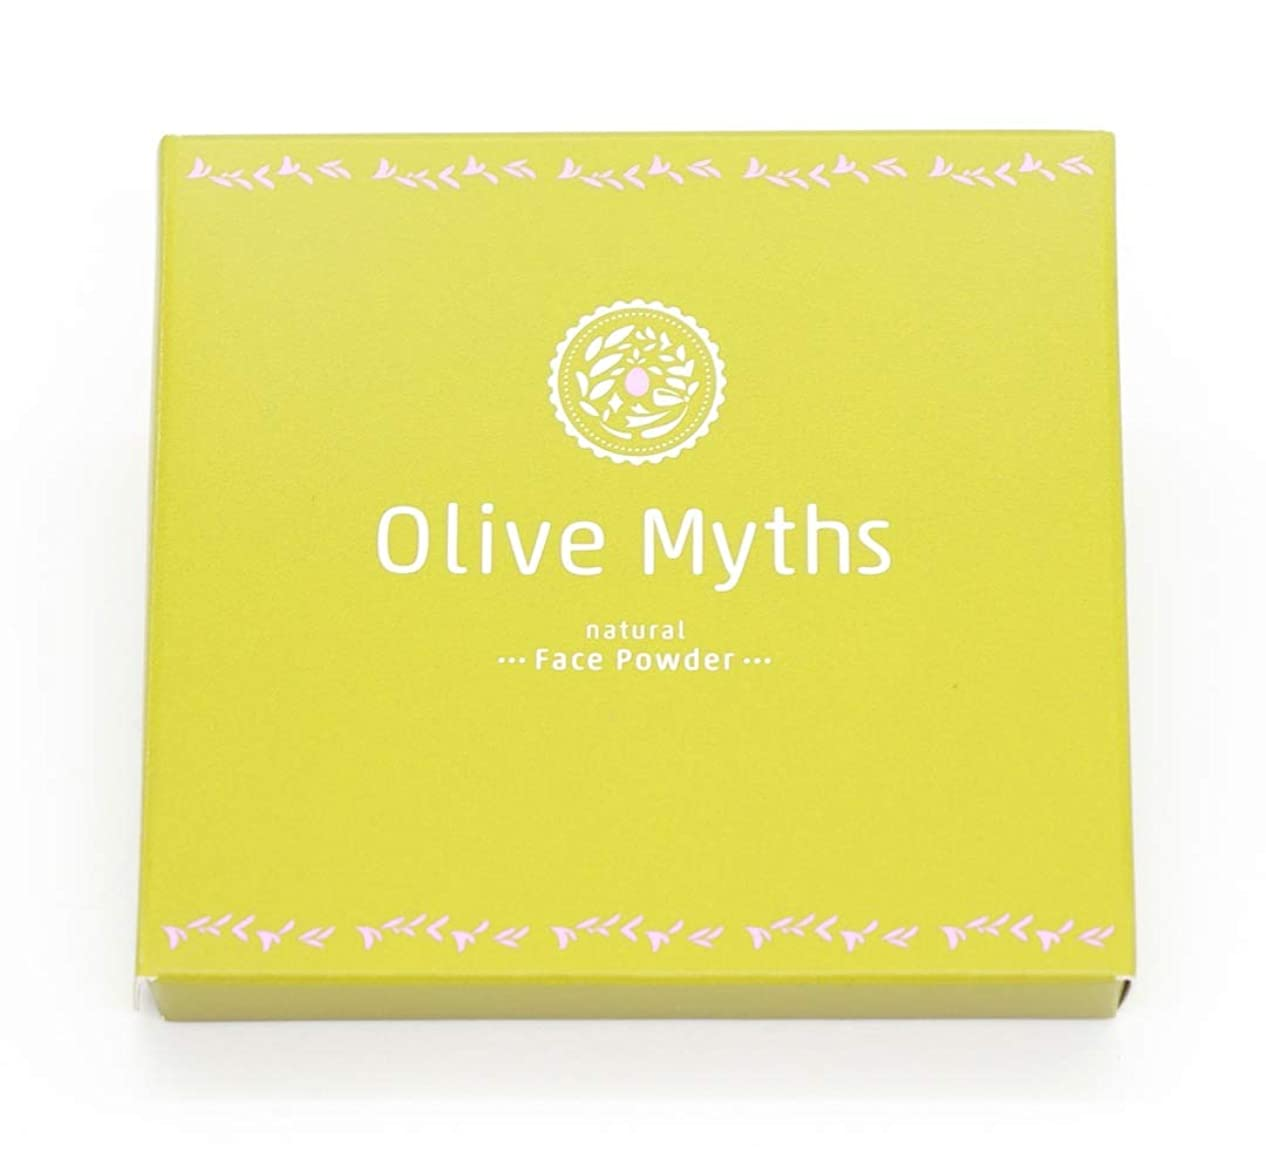 泥だらけ将来の驚いたことにmaestria. OliveMyths 『Myths ナチュラルパウダーファンデーション(サンカット)』 レフィル11g